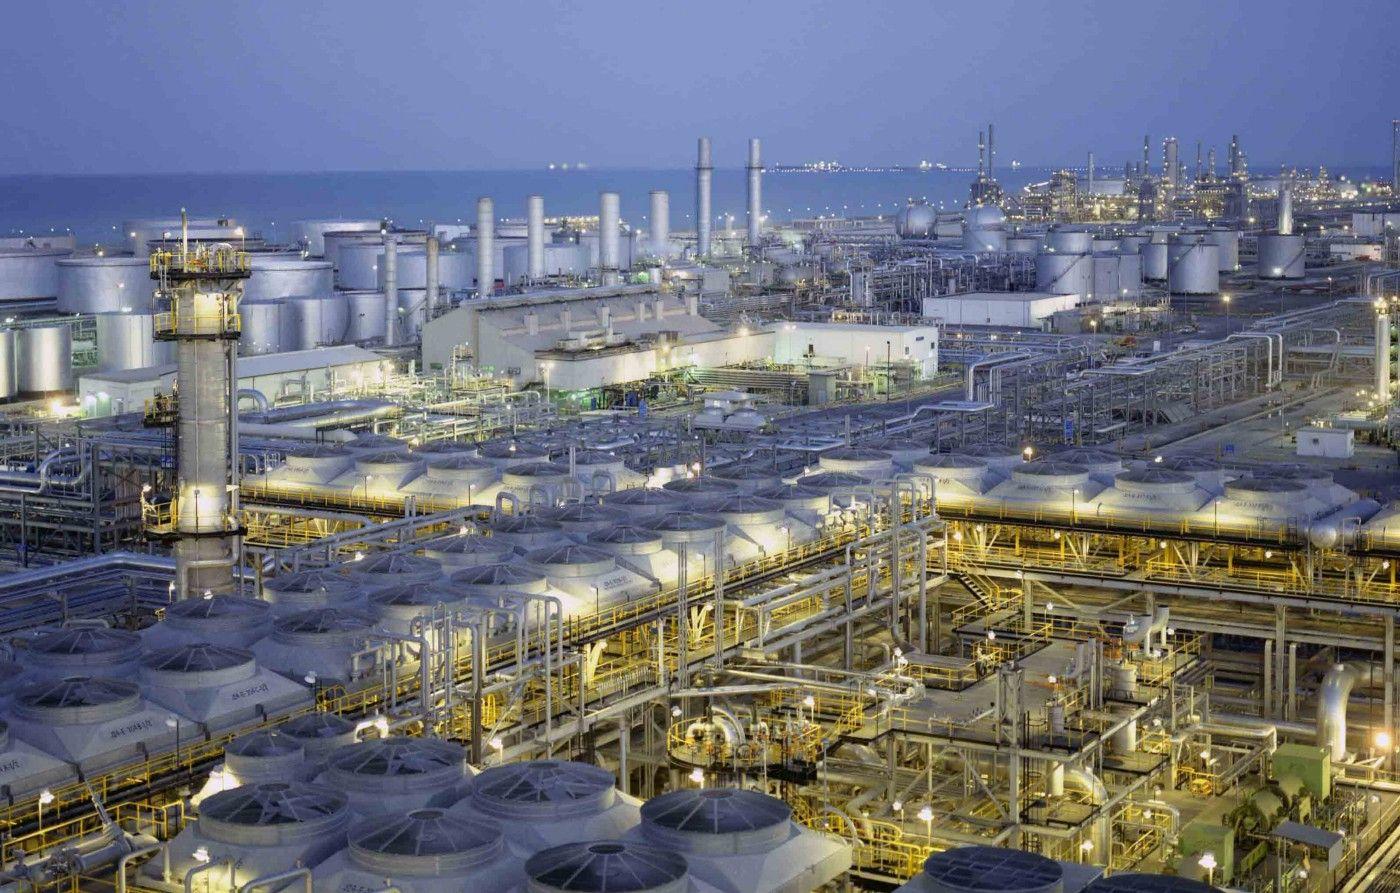 ضبابية اكتتاب آرامكو رؤية 2030 أم 3020 وكالة نيوز Refinery World Saudi Arabia